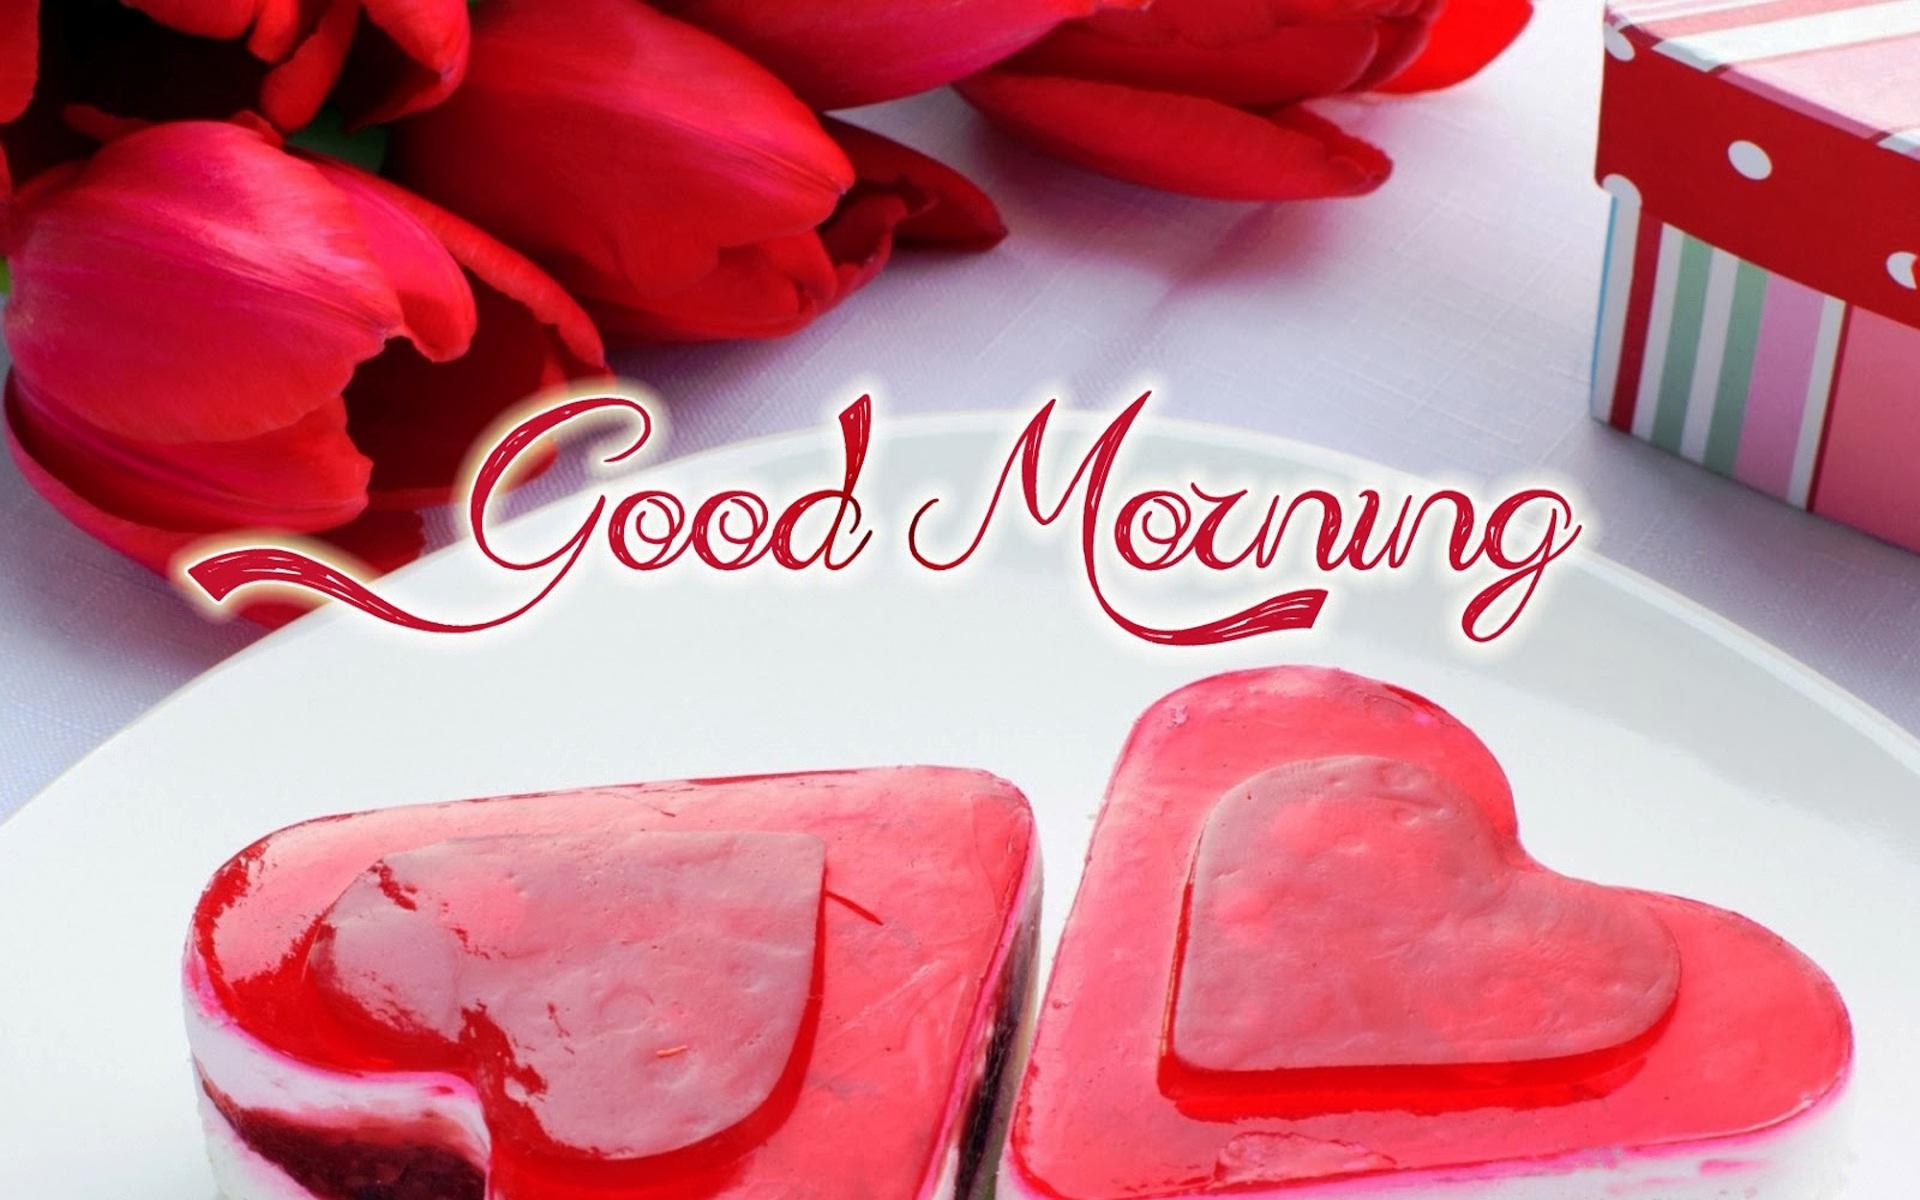 بالصور صباح الخير للحبيب بالصور , ارق الكلمات للحبيب فى الصباح 5941 2